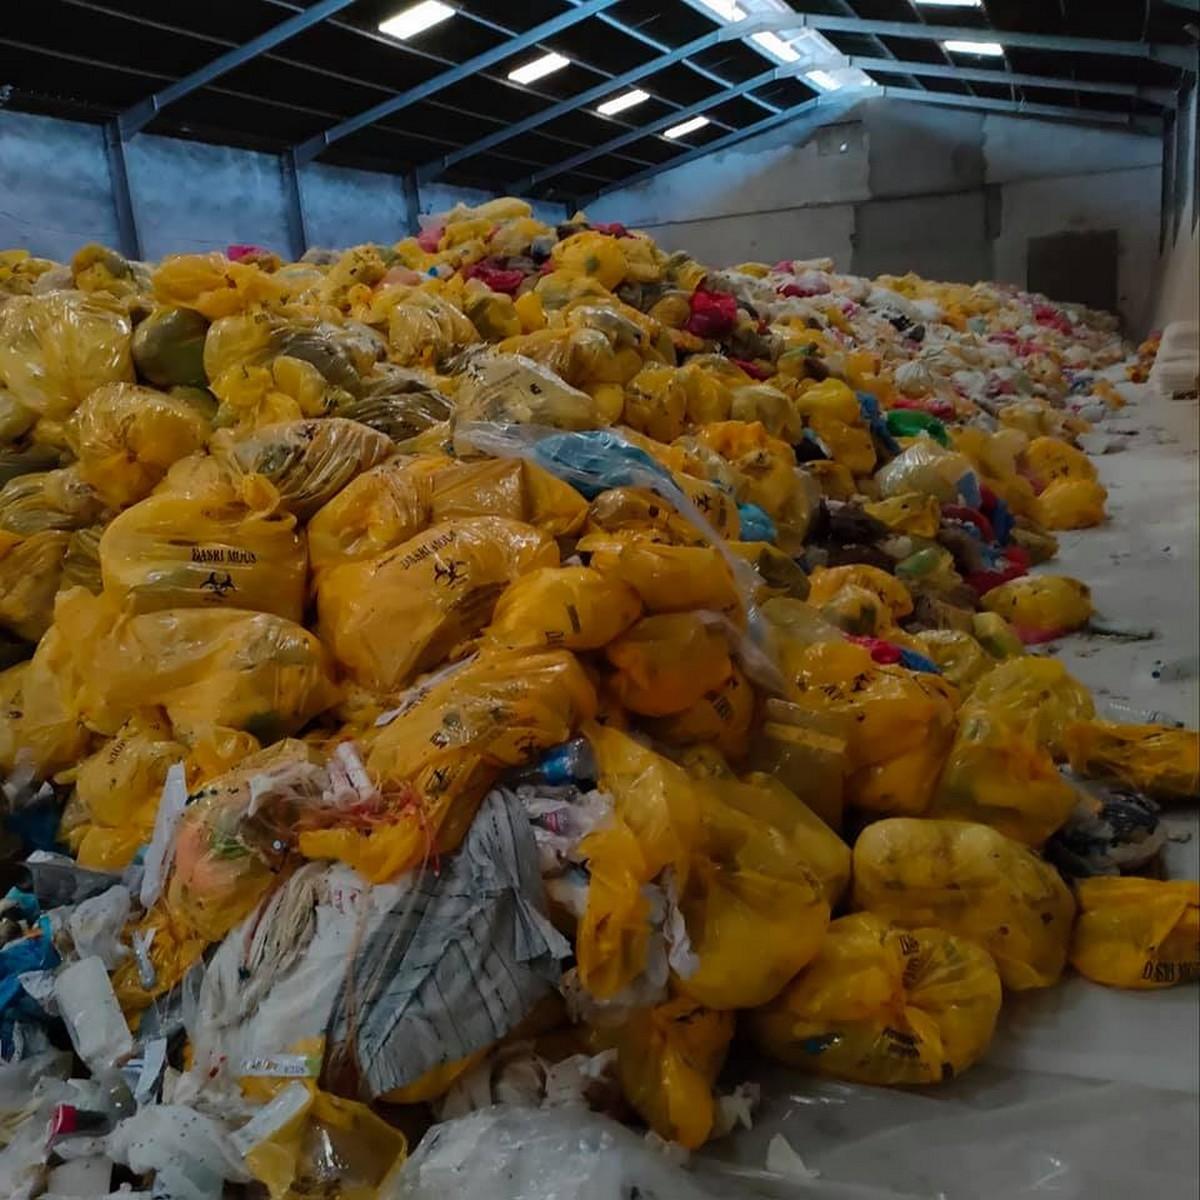 التراجع عن قرار تعليق أنشطة تجميع ونقل ومعالجة النفايات الطبية الخطرة